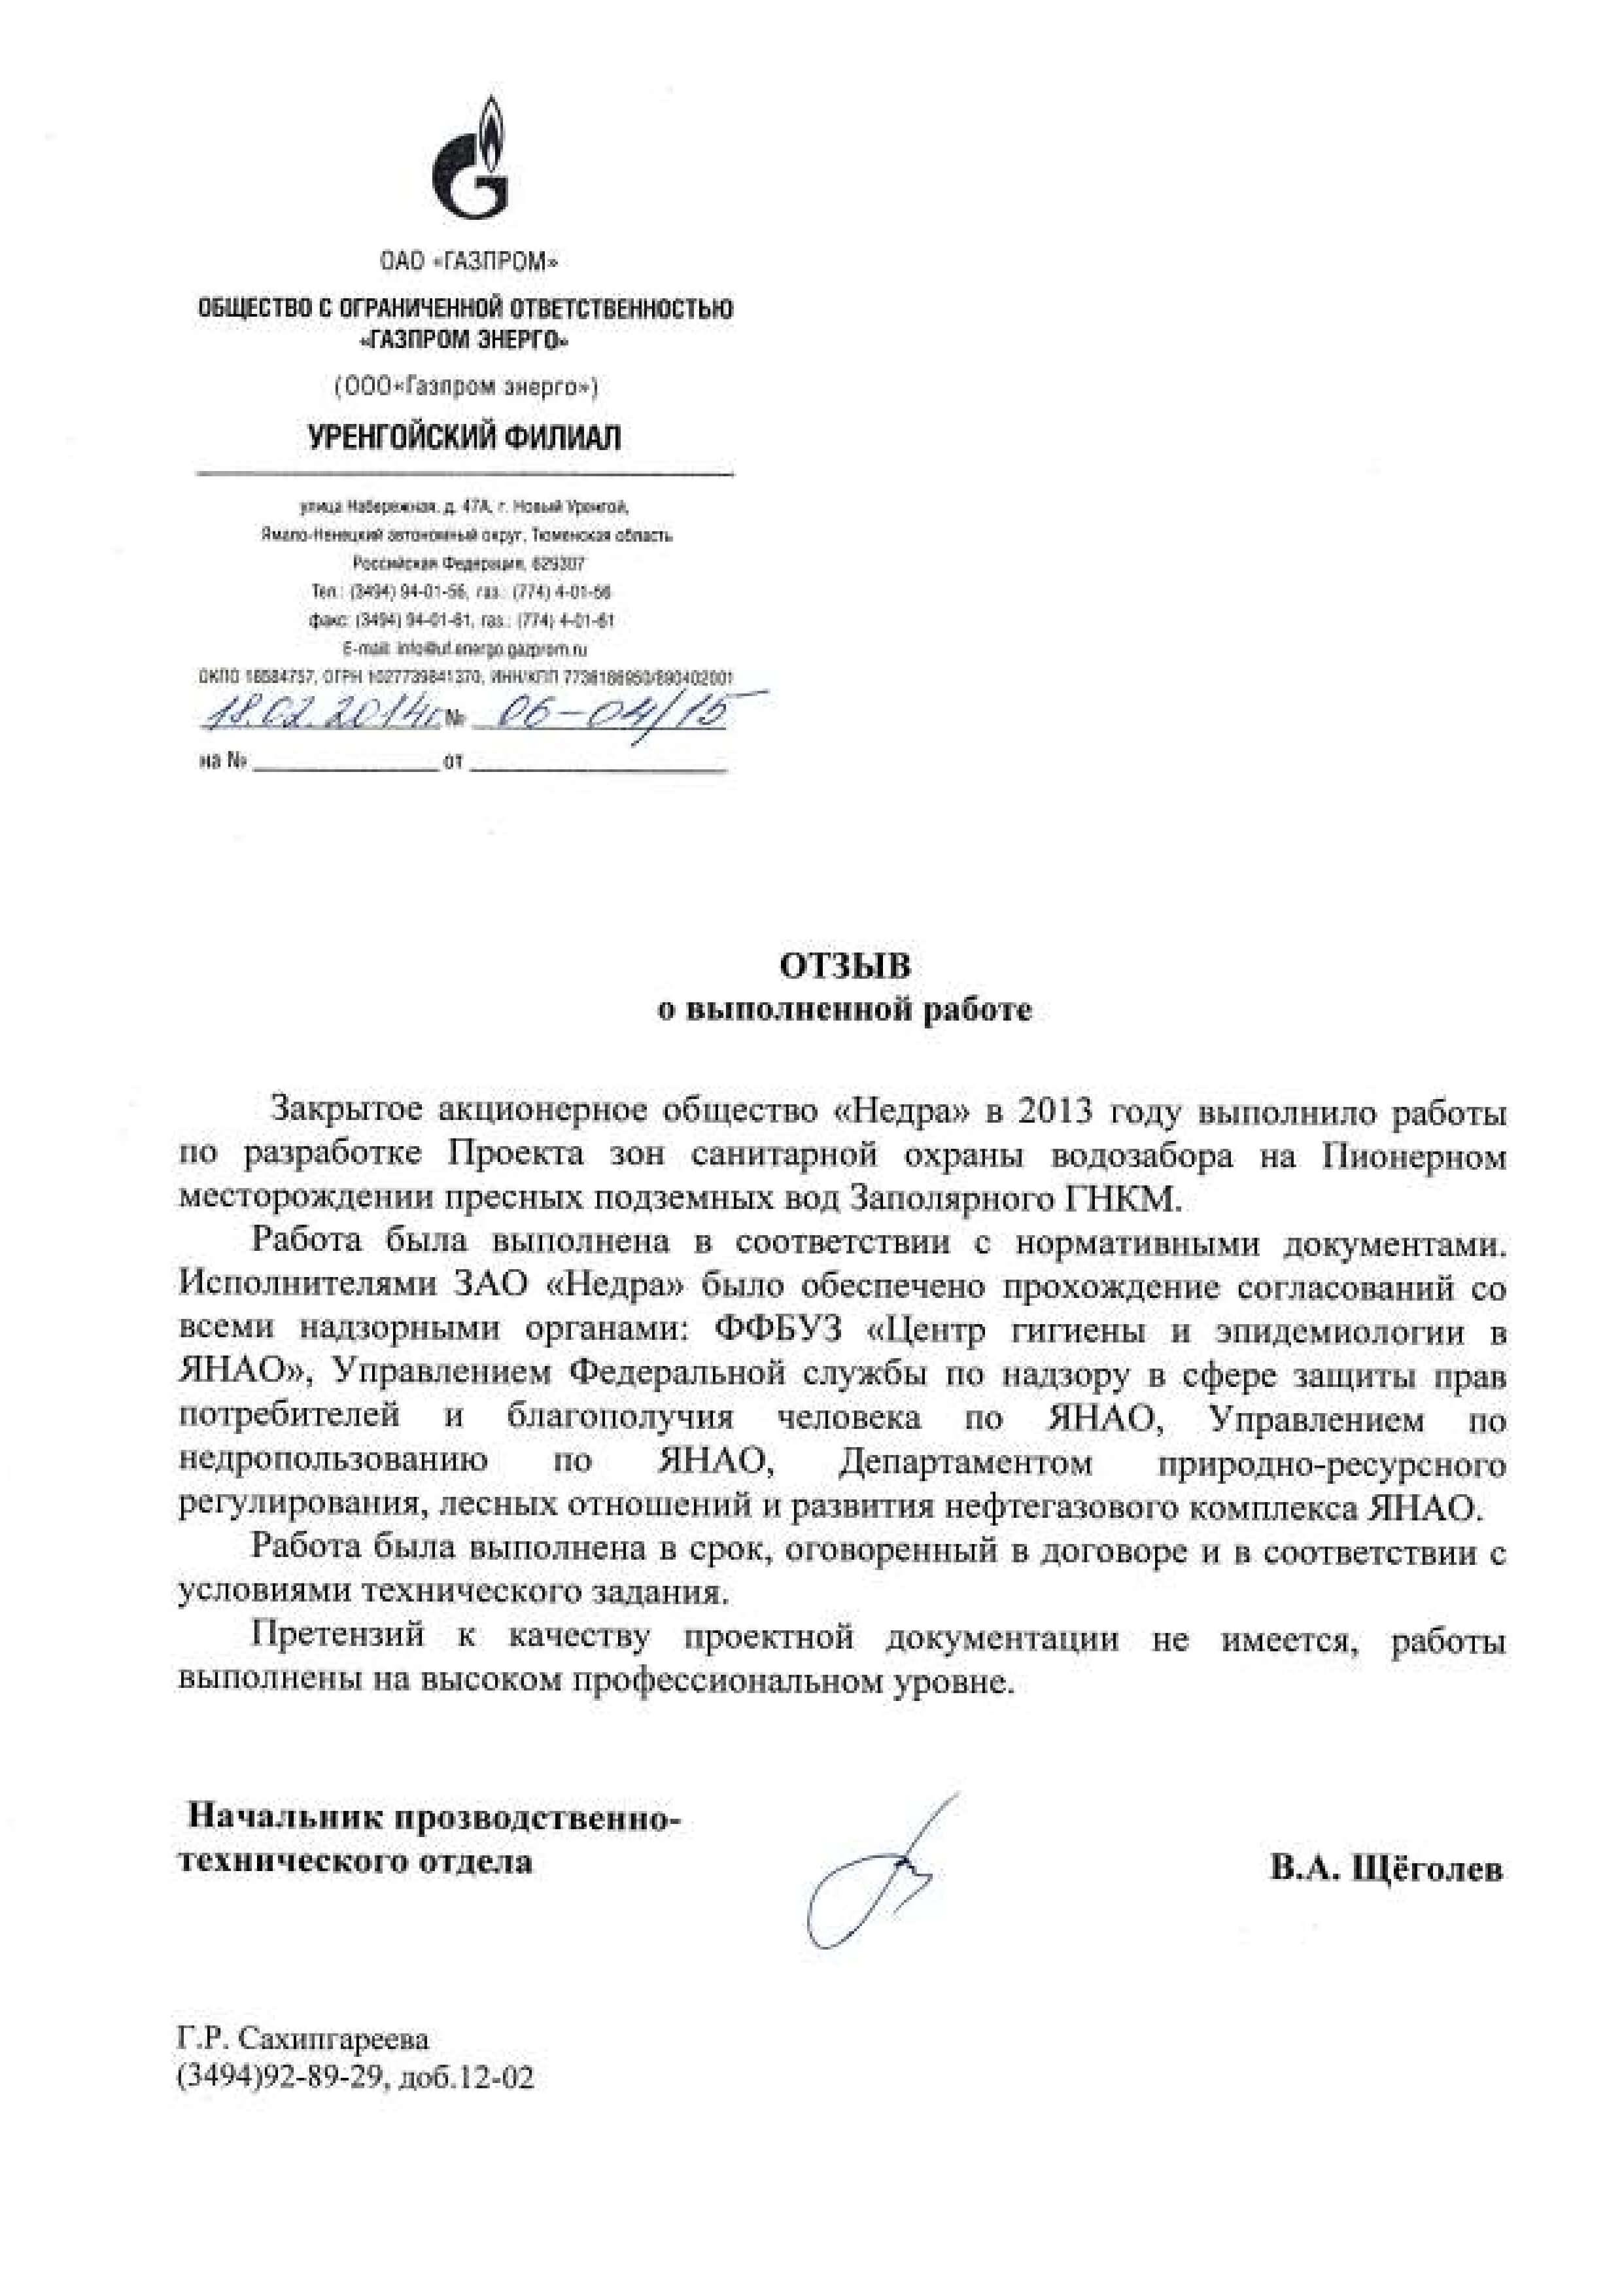 Отзыв от ООО Газпром Энерго